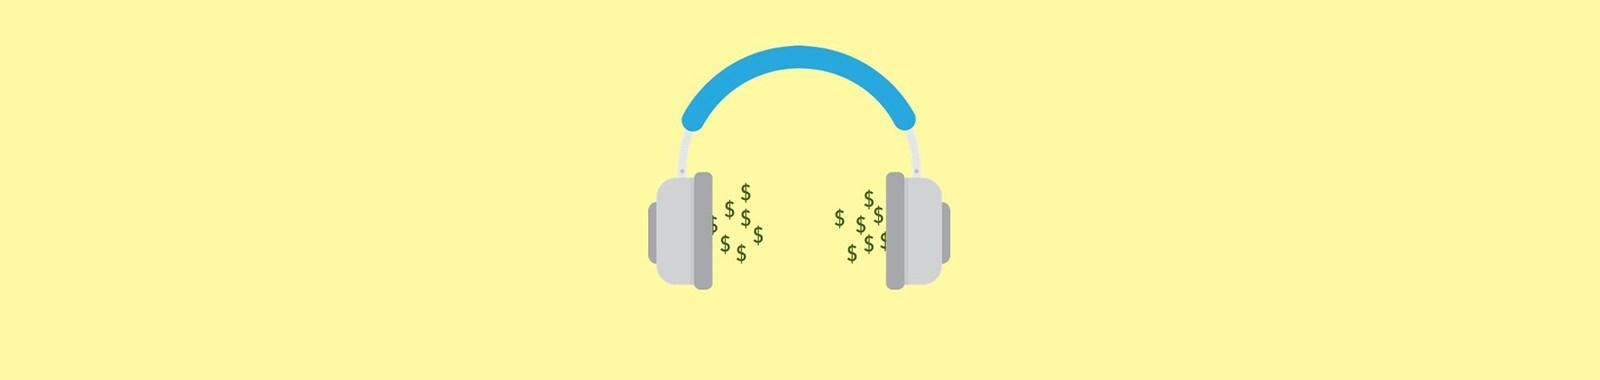 headphone-money-2